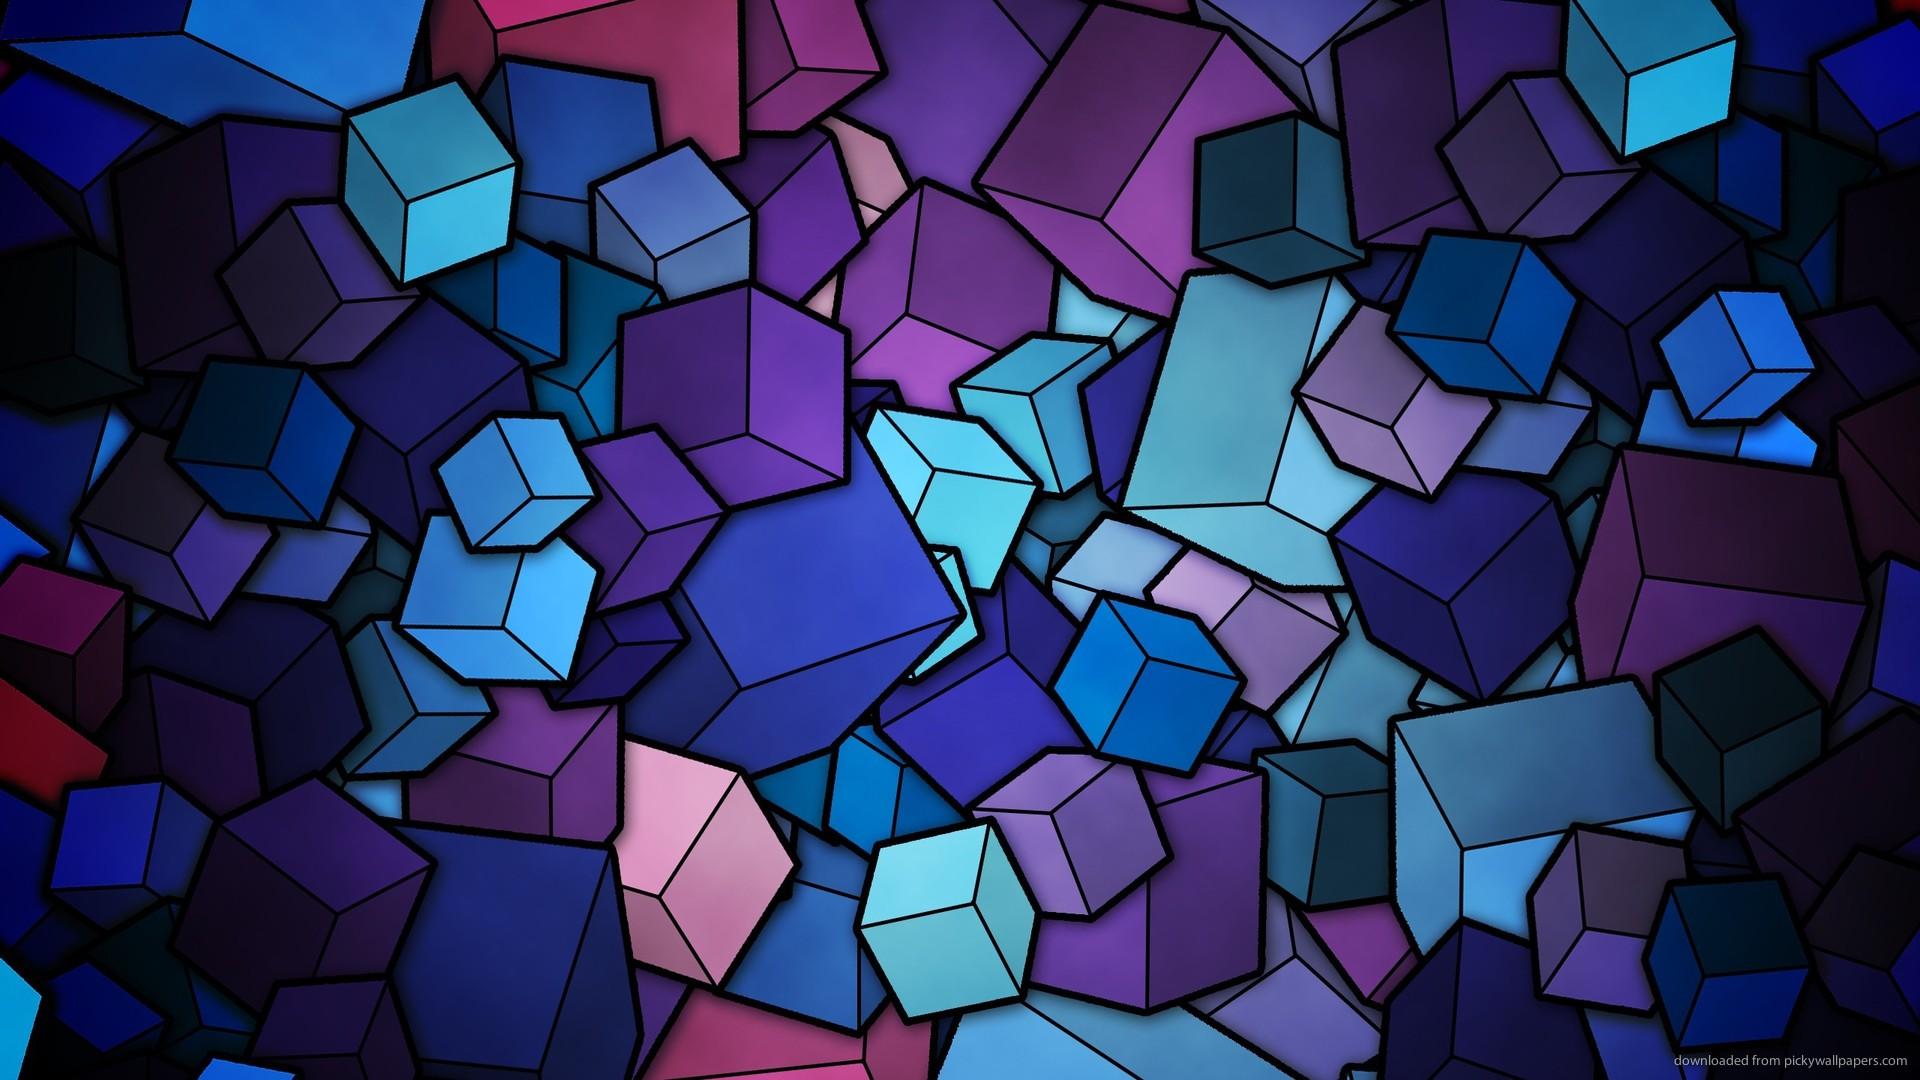 Blue Cubes wallpaper   733200 1920x1080